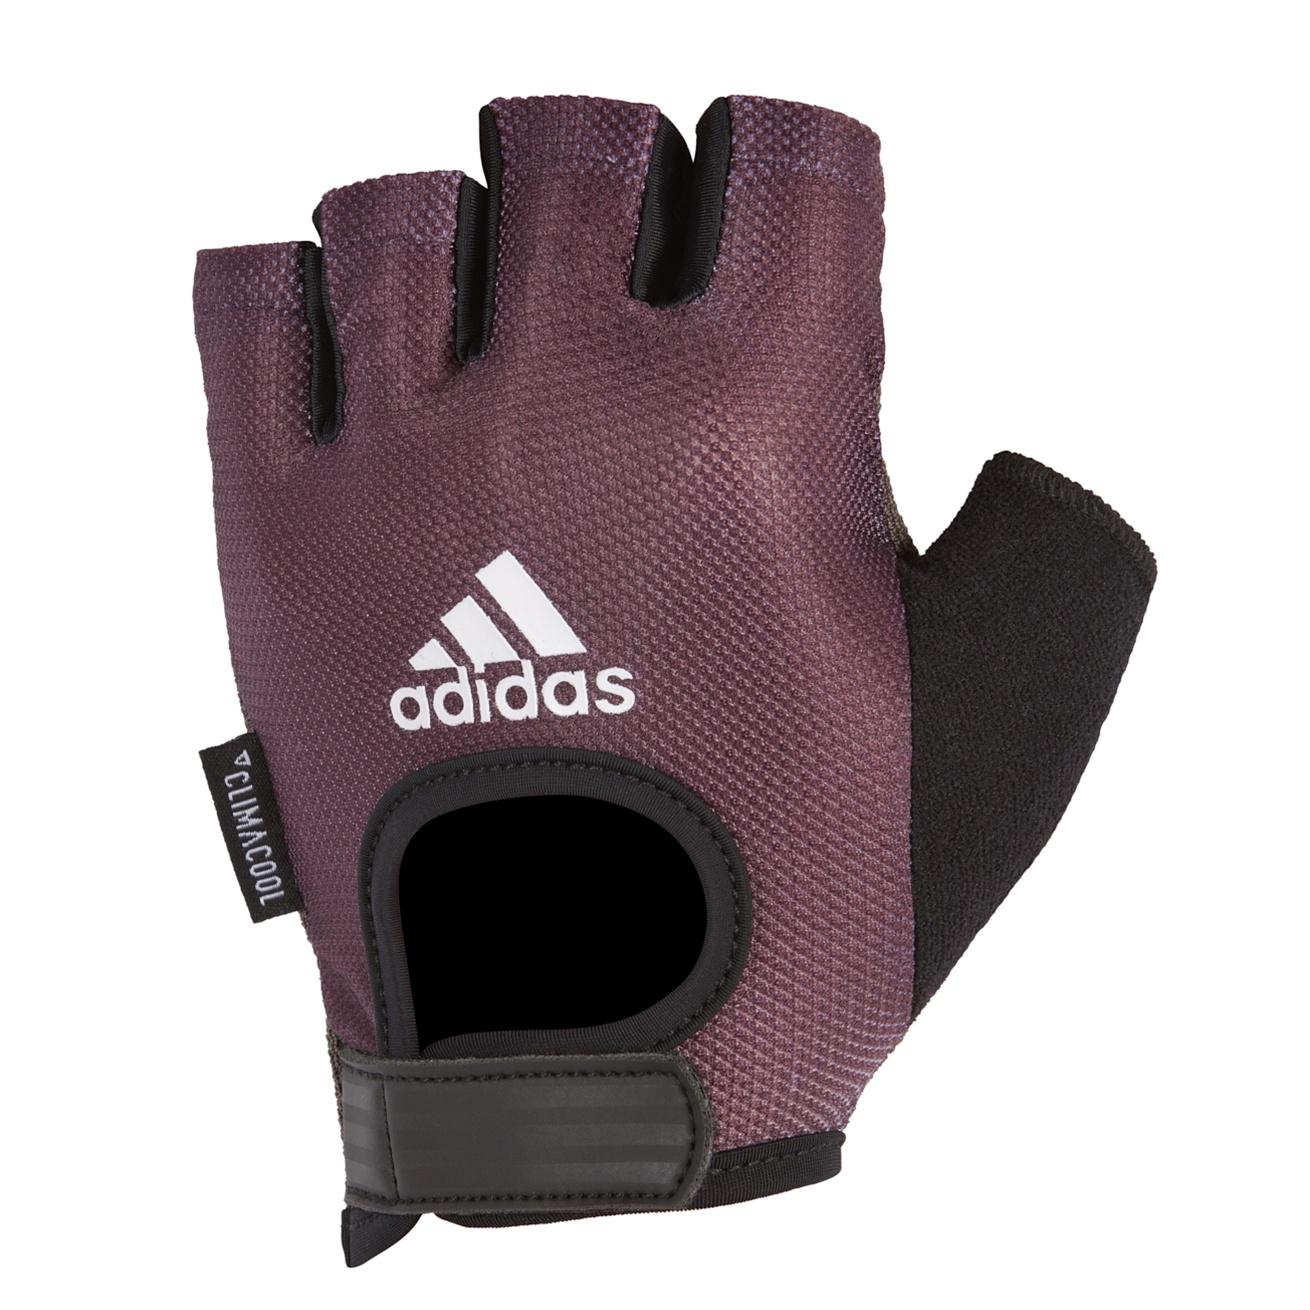 Перчатки для фитнеса Adidas ADGB-13214, фиолетовый перчатки adidas для фитнеса белые размер m adgb 12322 wh